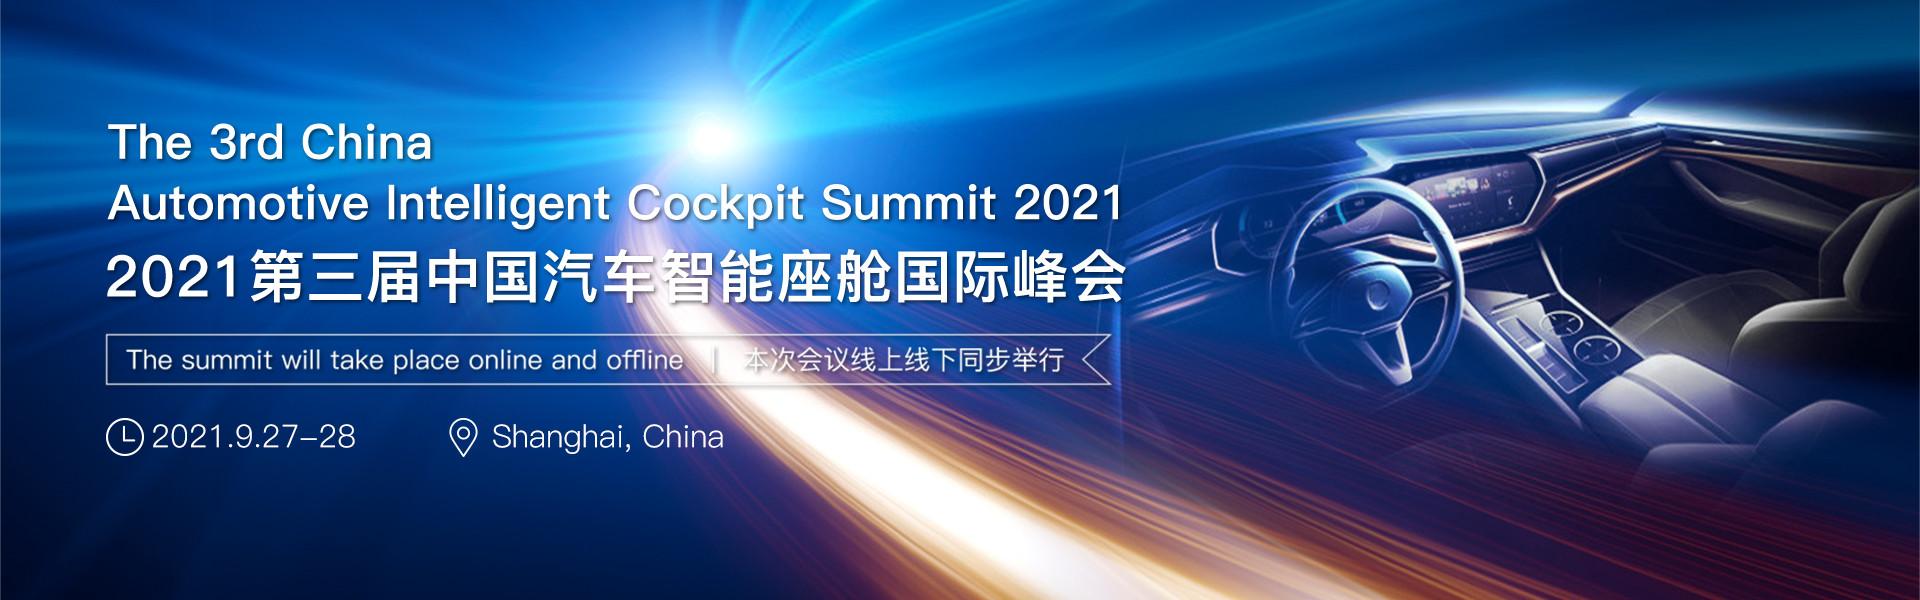 2021第三届汽车智能座舱国际峰会